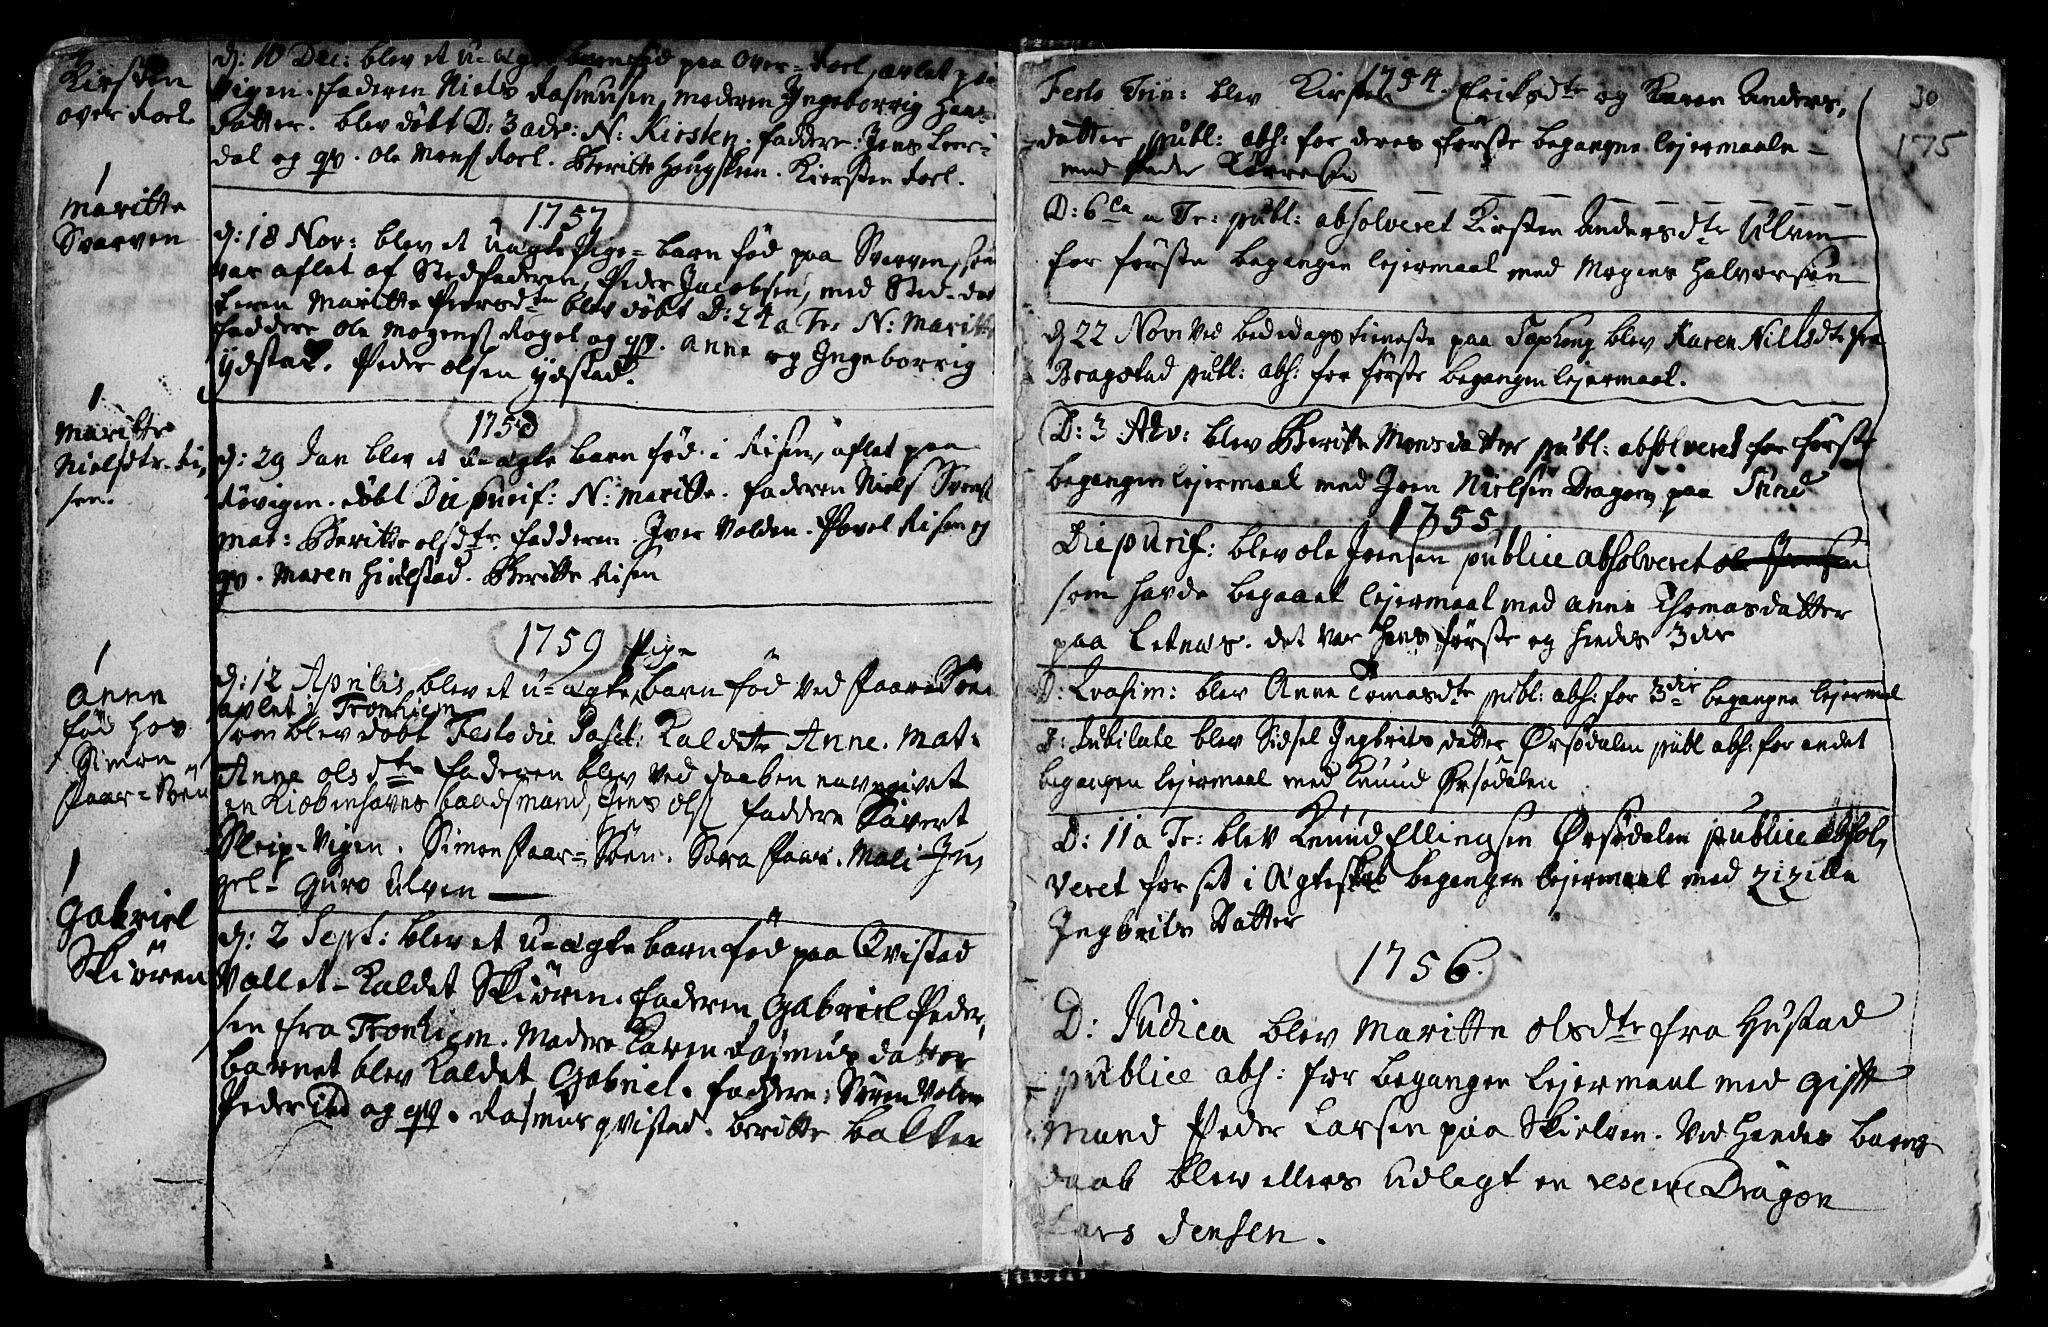 SAT, Ministerialprotokoller, klokkerbøker og fødselsregistre - Nord-Trøndelag, 730/L0272: Ministerialbok nr. 730A01, 1733-1764, s. 175